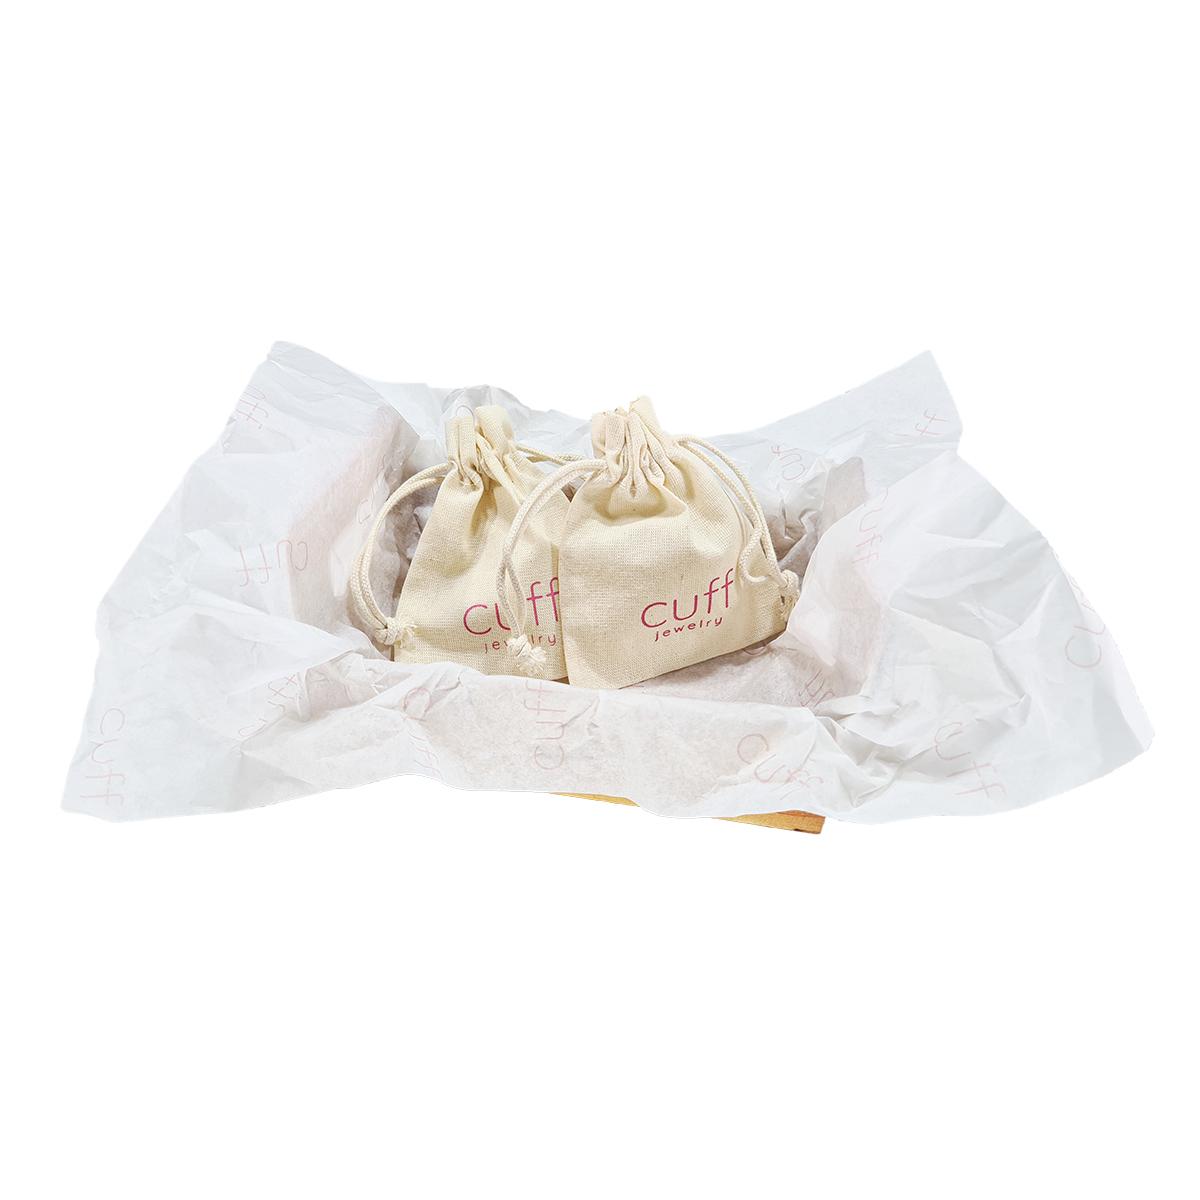 Papel de Seda Personalizado 20g/m - Tamanho 50 x 70 - Linha paper   7091  - Litex Embalagens